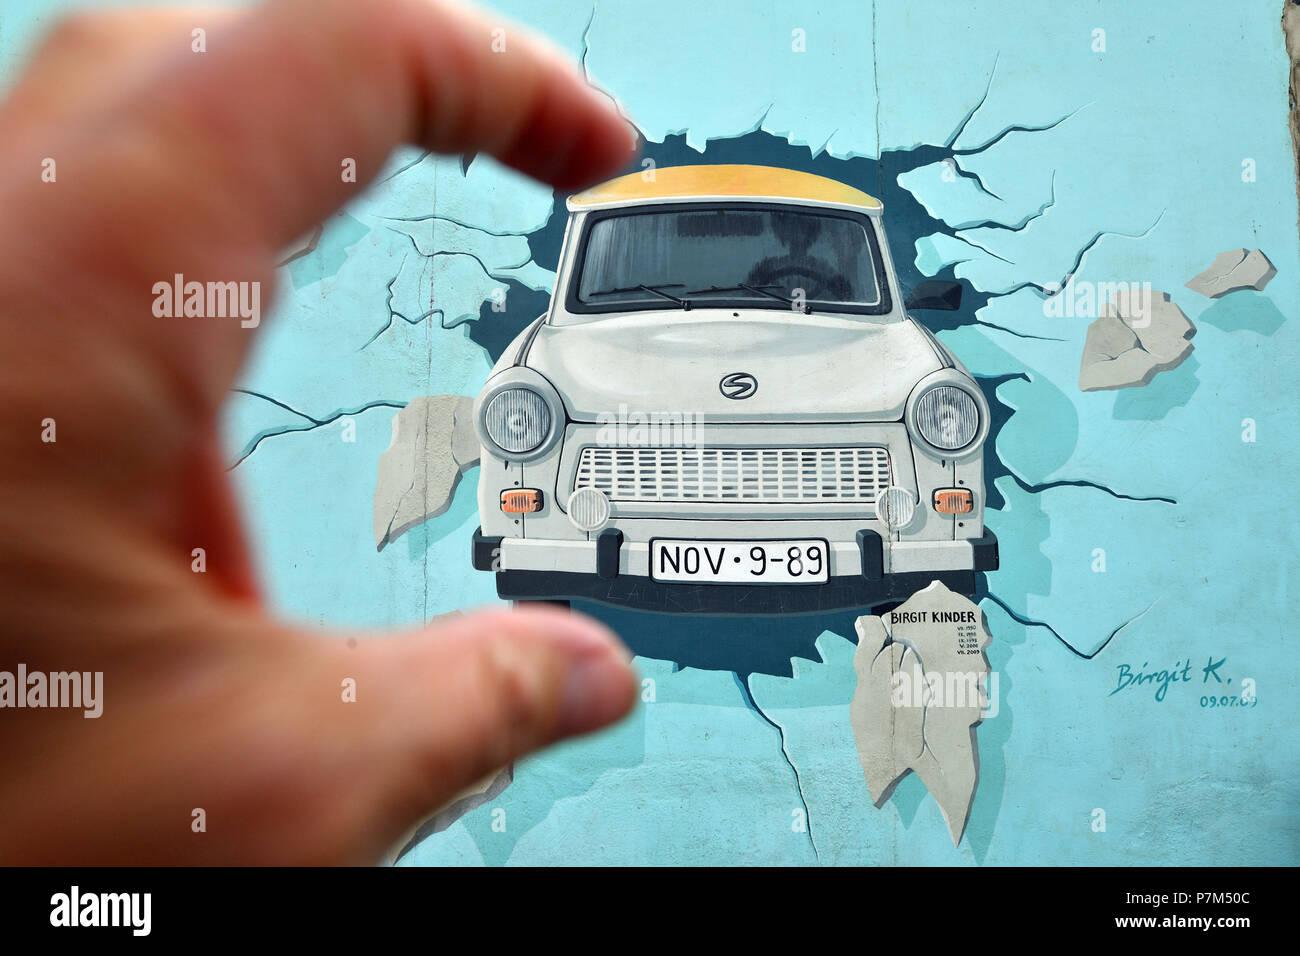 Deutschland, Berlin, Friedrichshain-Kreuzberg, East Side Gallery, The Wall, arbeiten von Birgit Kinder aus den 1990 renoviert in 2009 für einen Trabant in Ost-Berlin, unter dem Titel Test am besten ankommen Stockbild